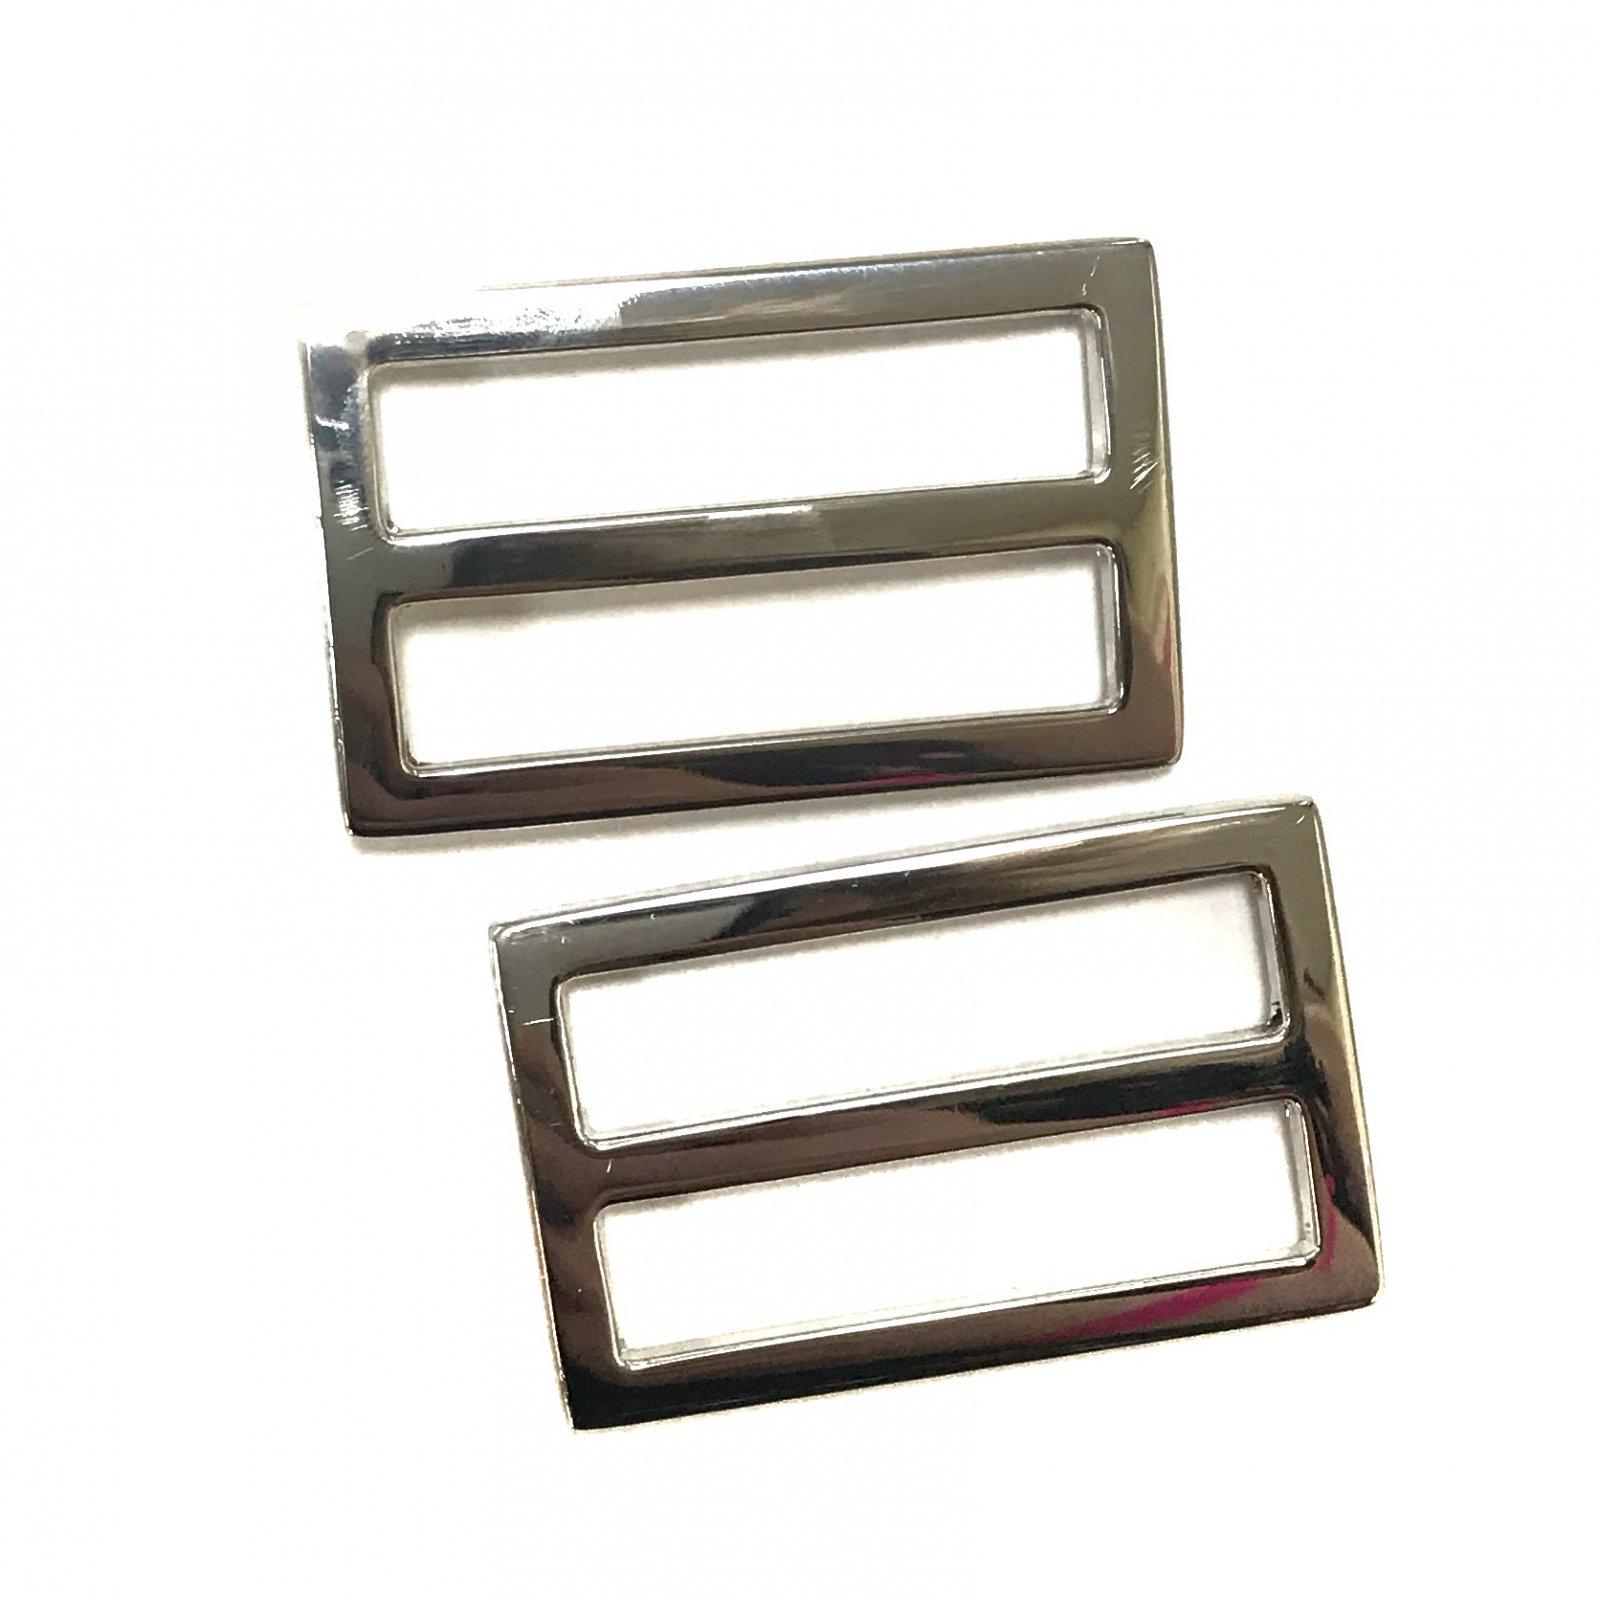 Rectangle Strap Slides- Set of 2 - 1 1/2